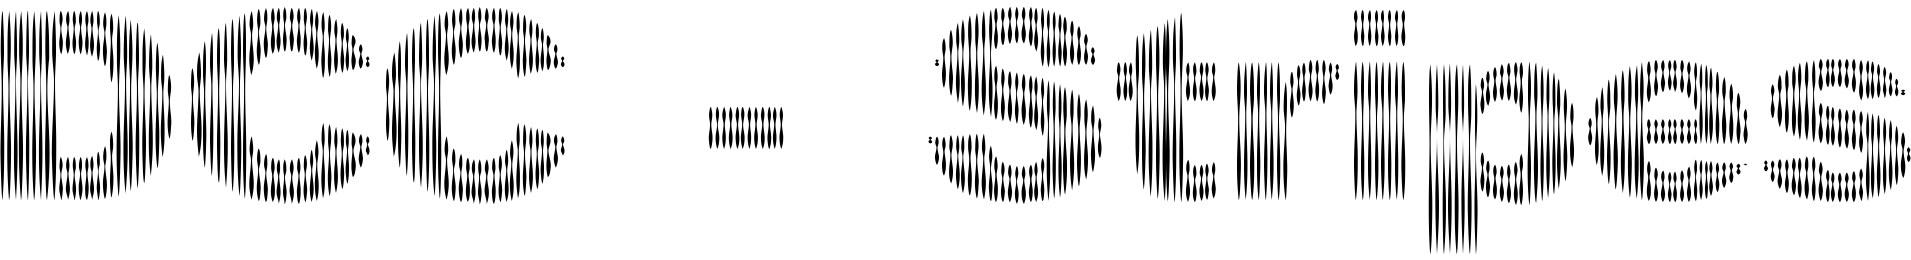 DCC - Stripes